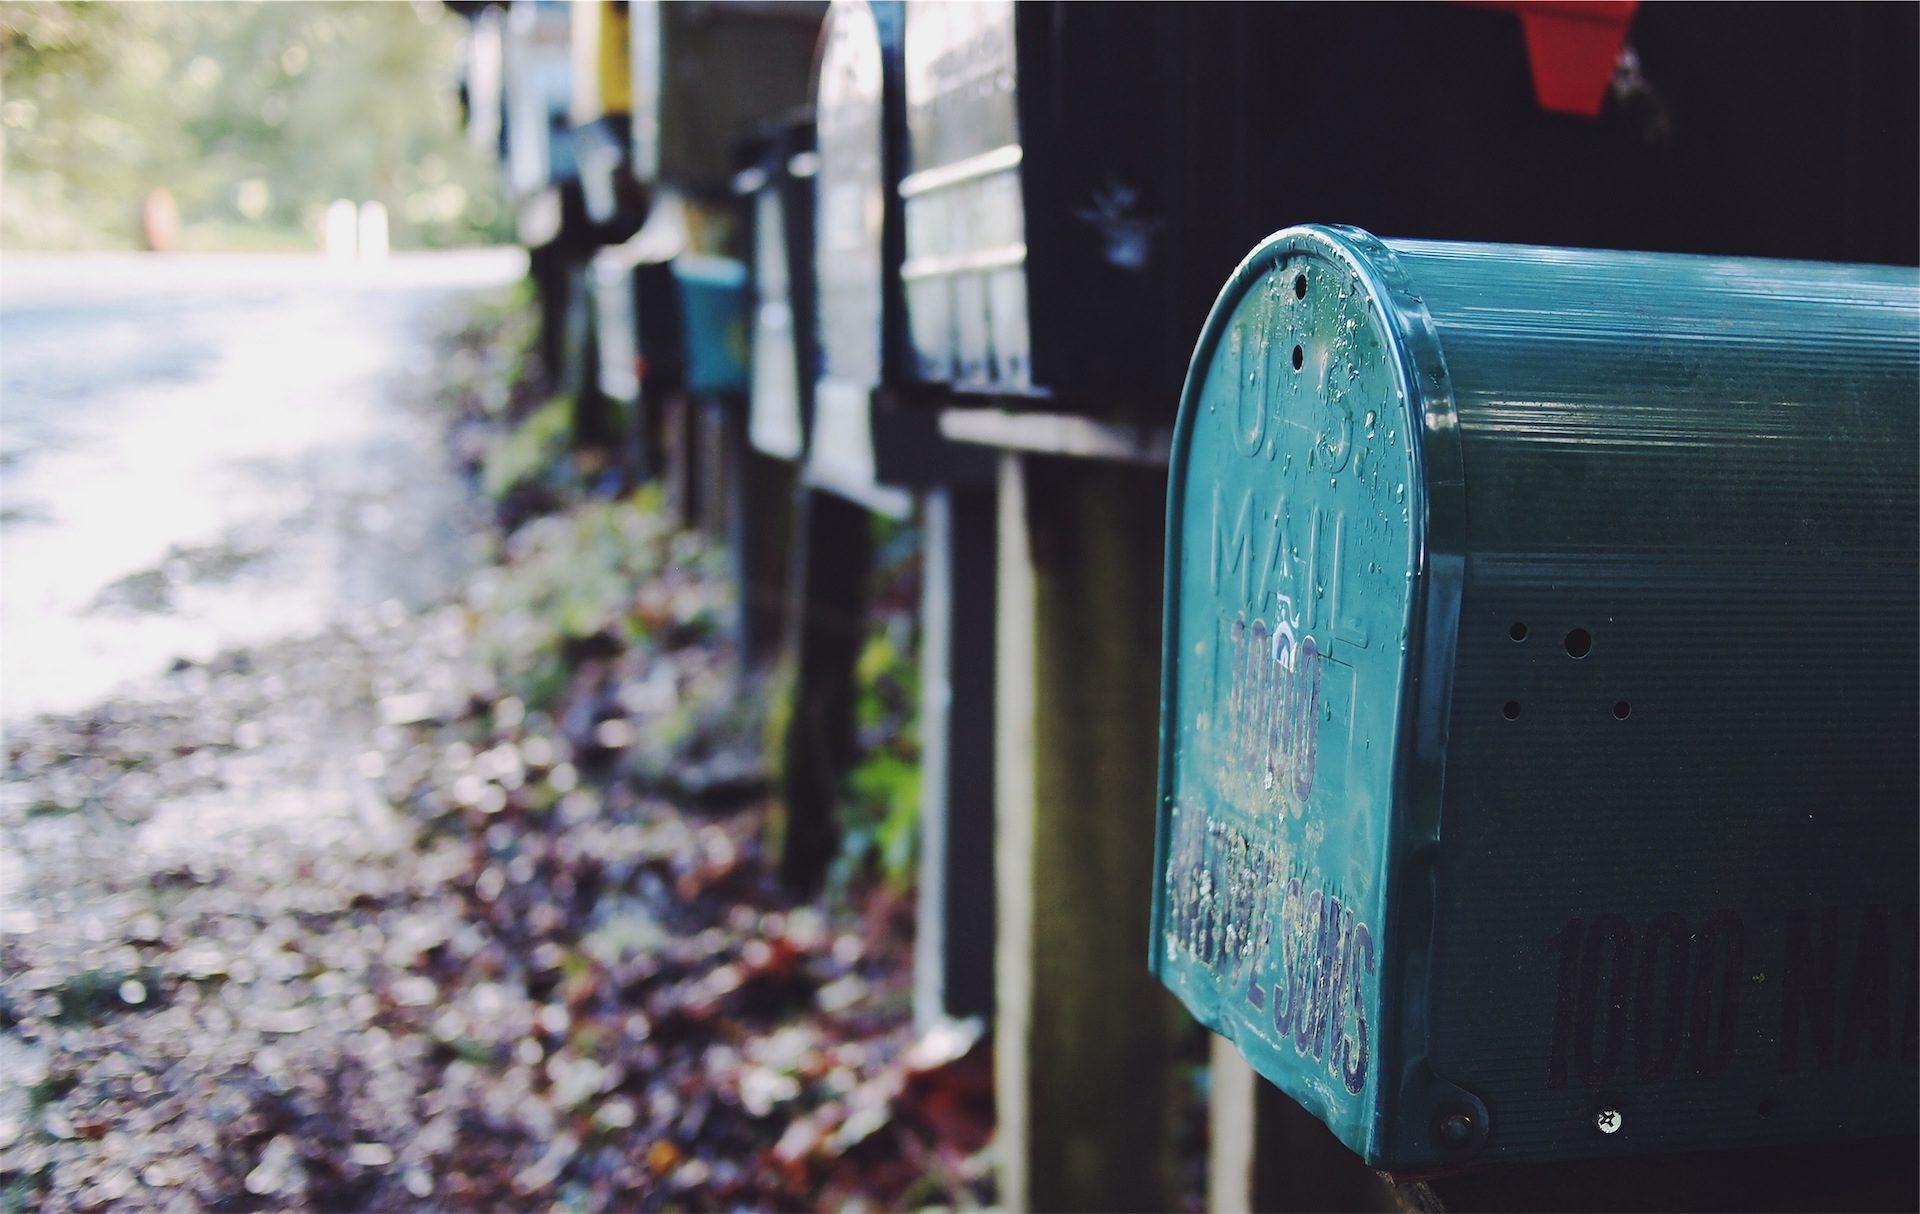 邮箱, 邻居们, 邻里, 道路, 木材 - 高清壁纸 - 教授-falken.com